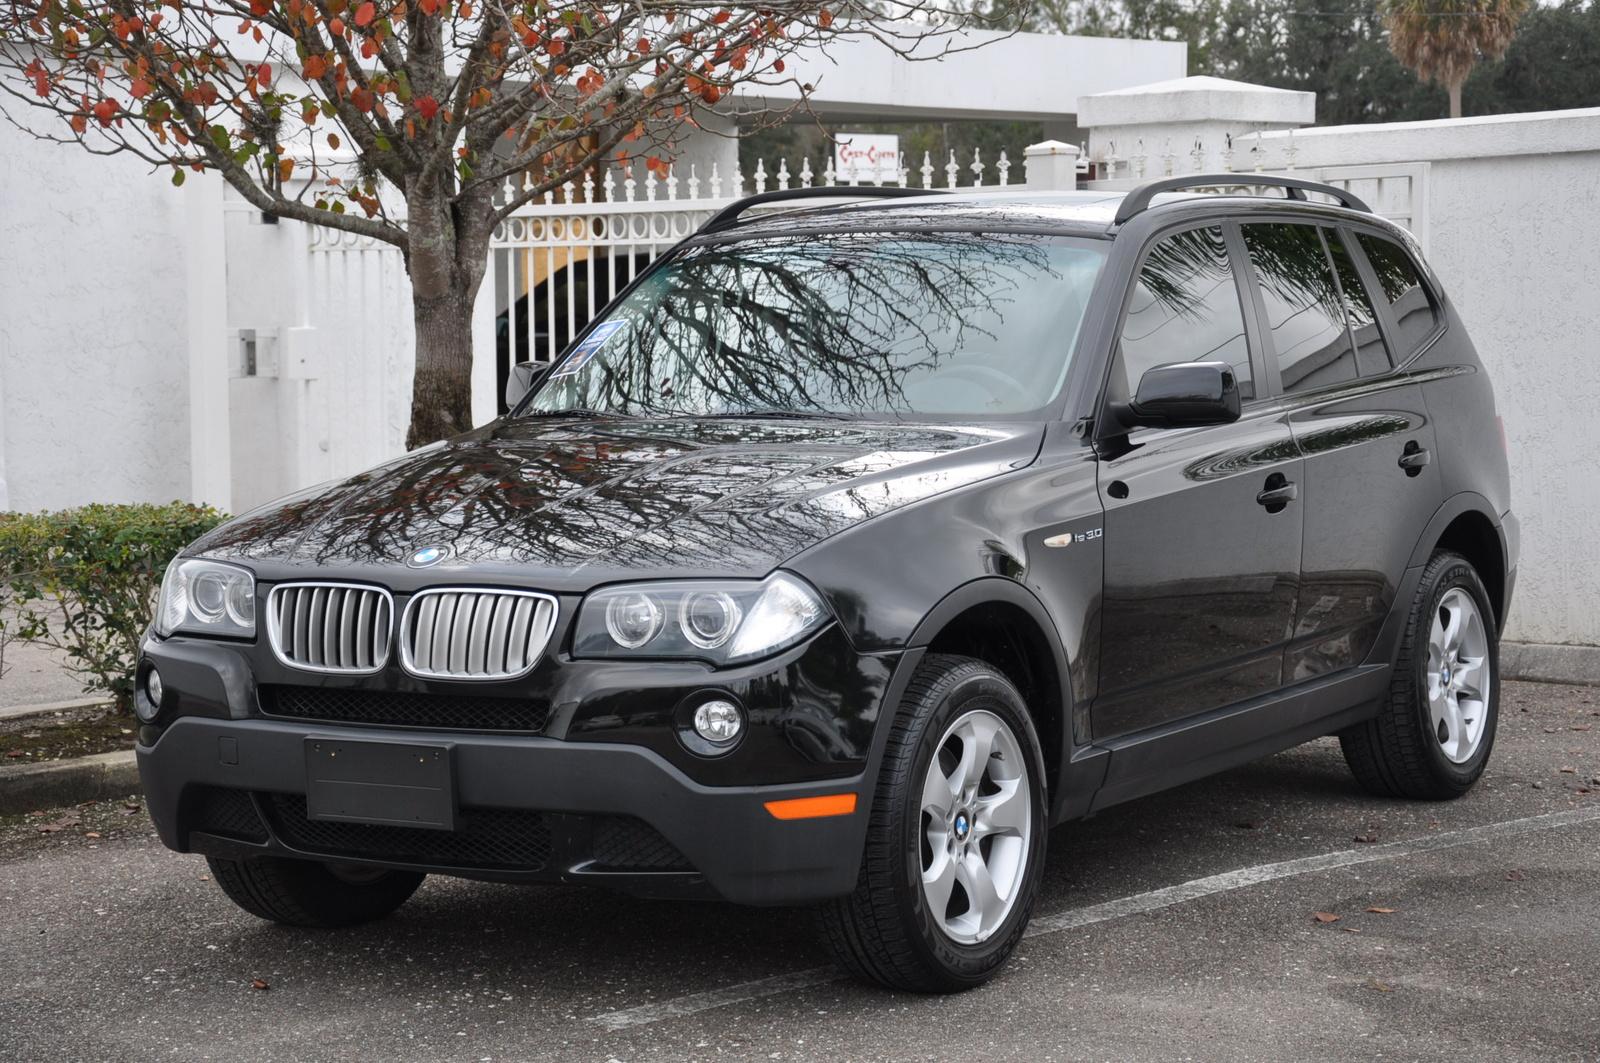 2008 BMW X3 - Pictures - CarGurus